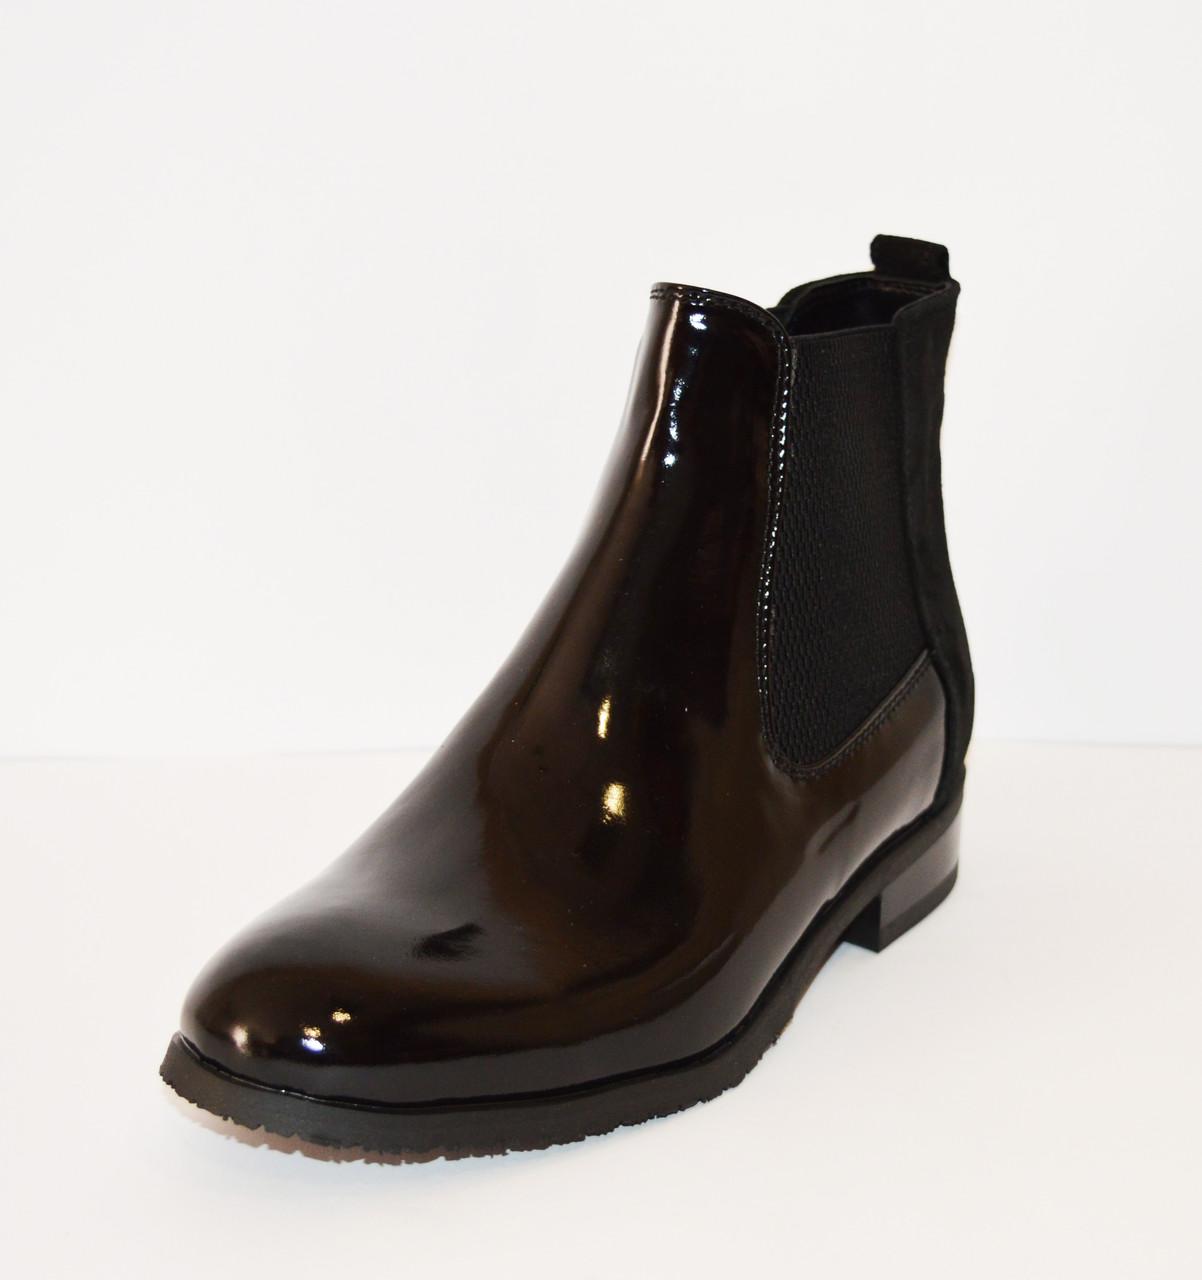 Ботинки женские лакированные Kento